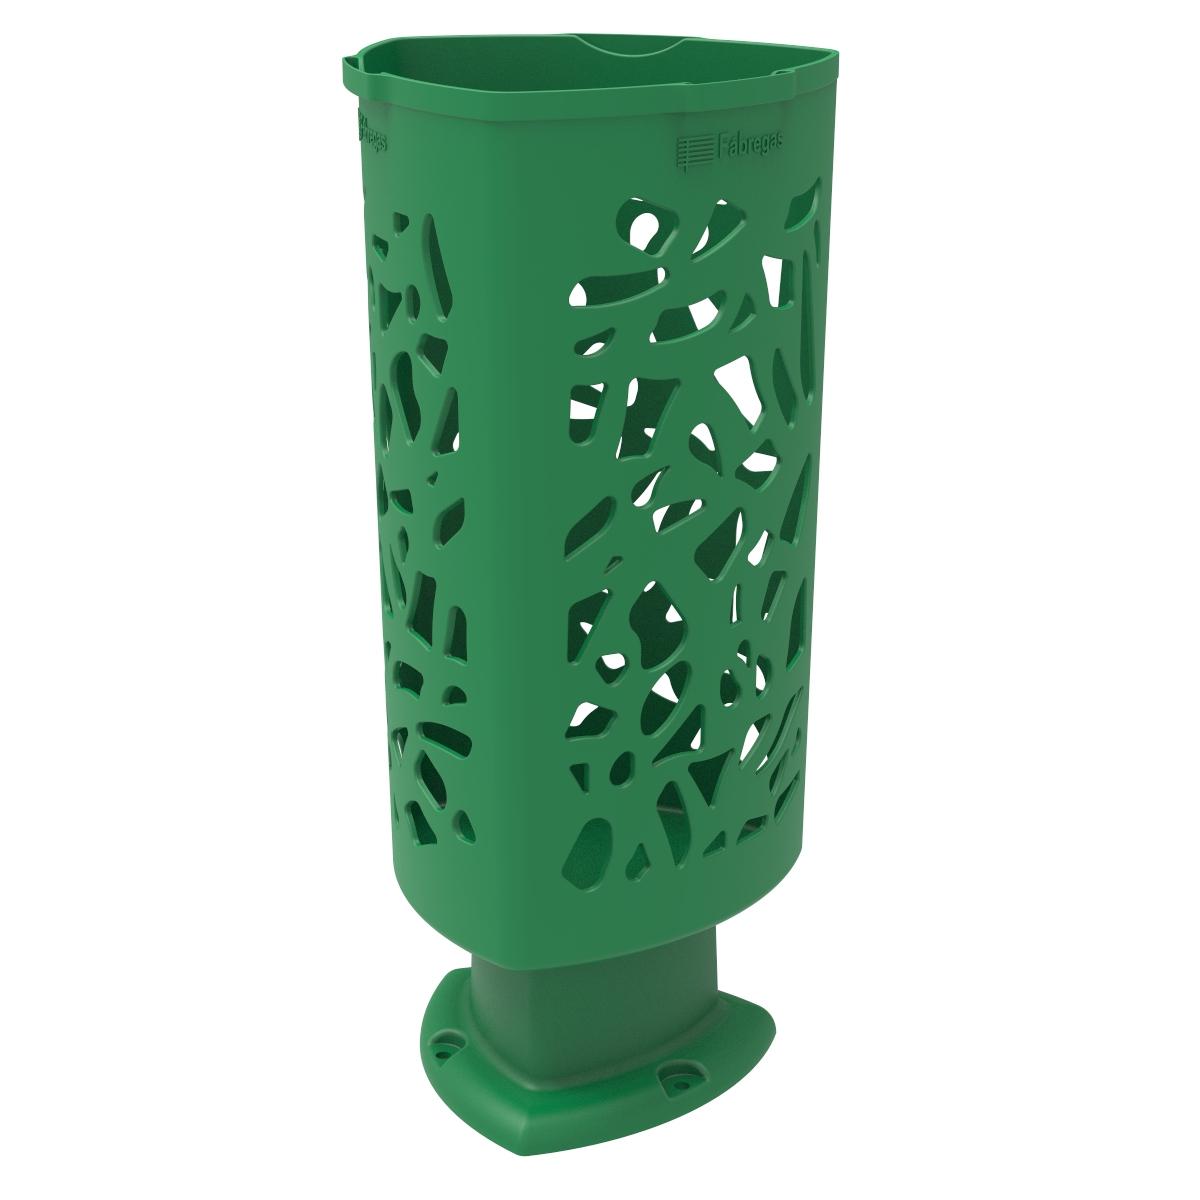 Groene afvalbak die uitnodigt tot het weggooien van afval